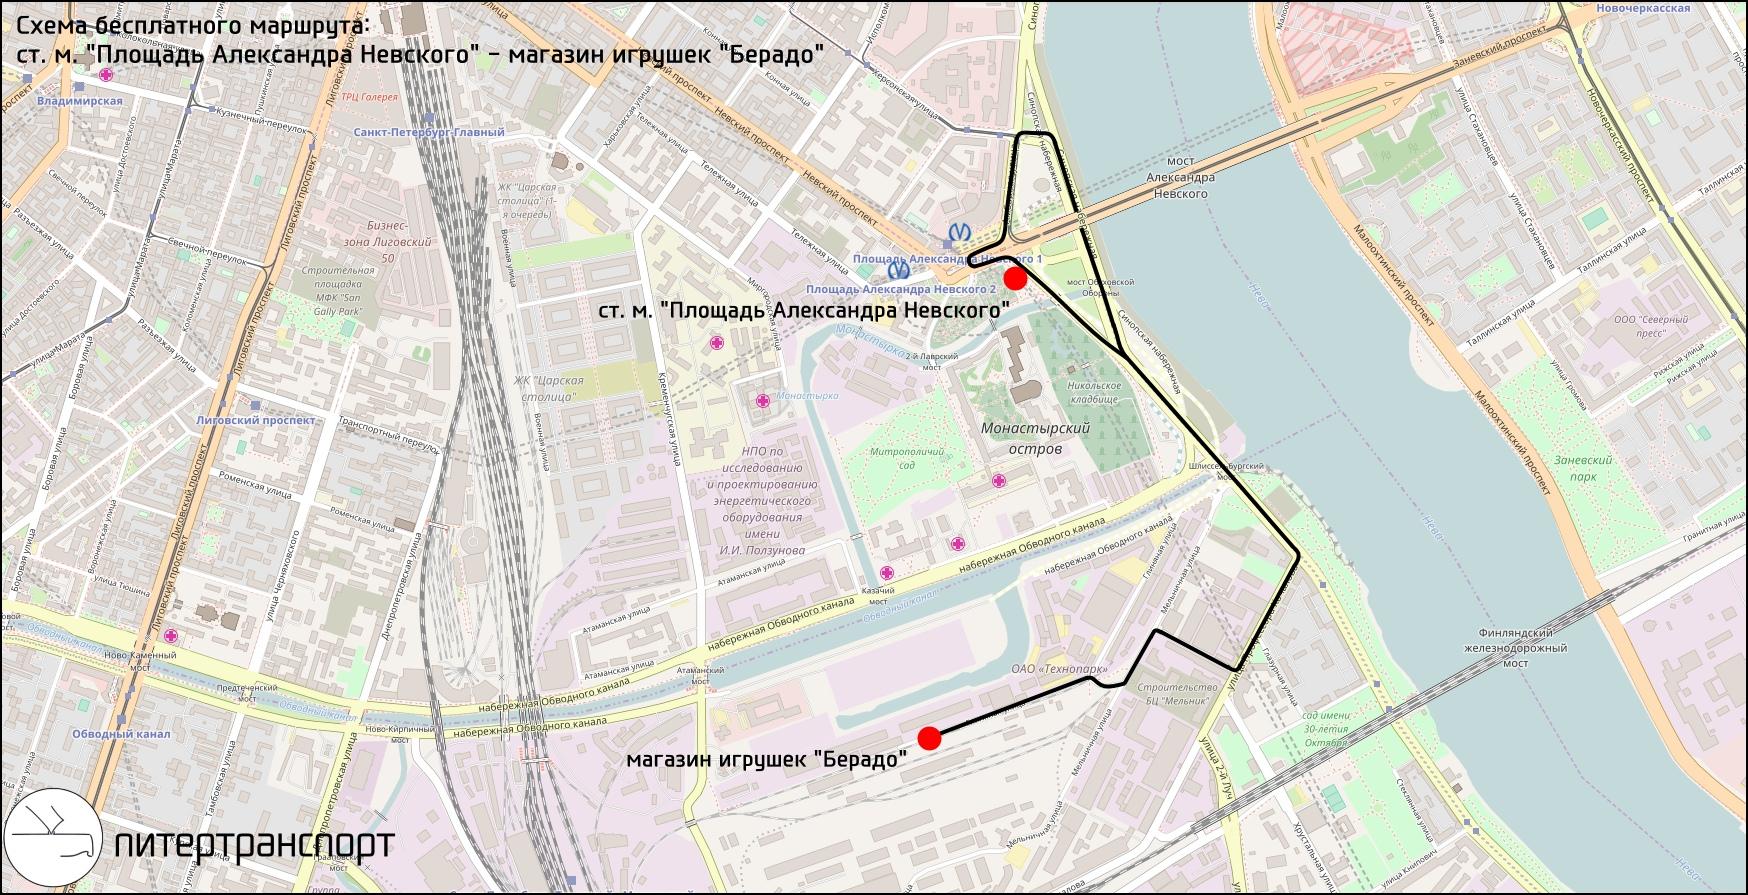 маршрутка гражданский проспект рыбацкое